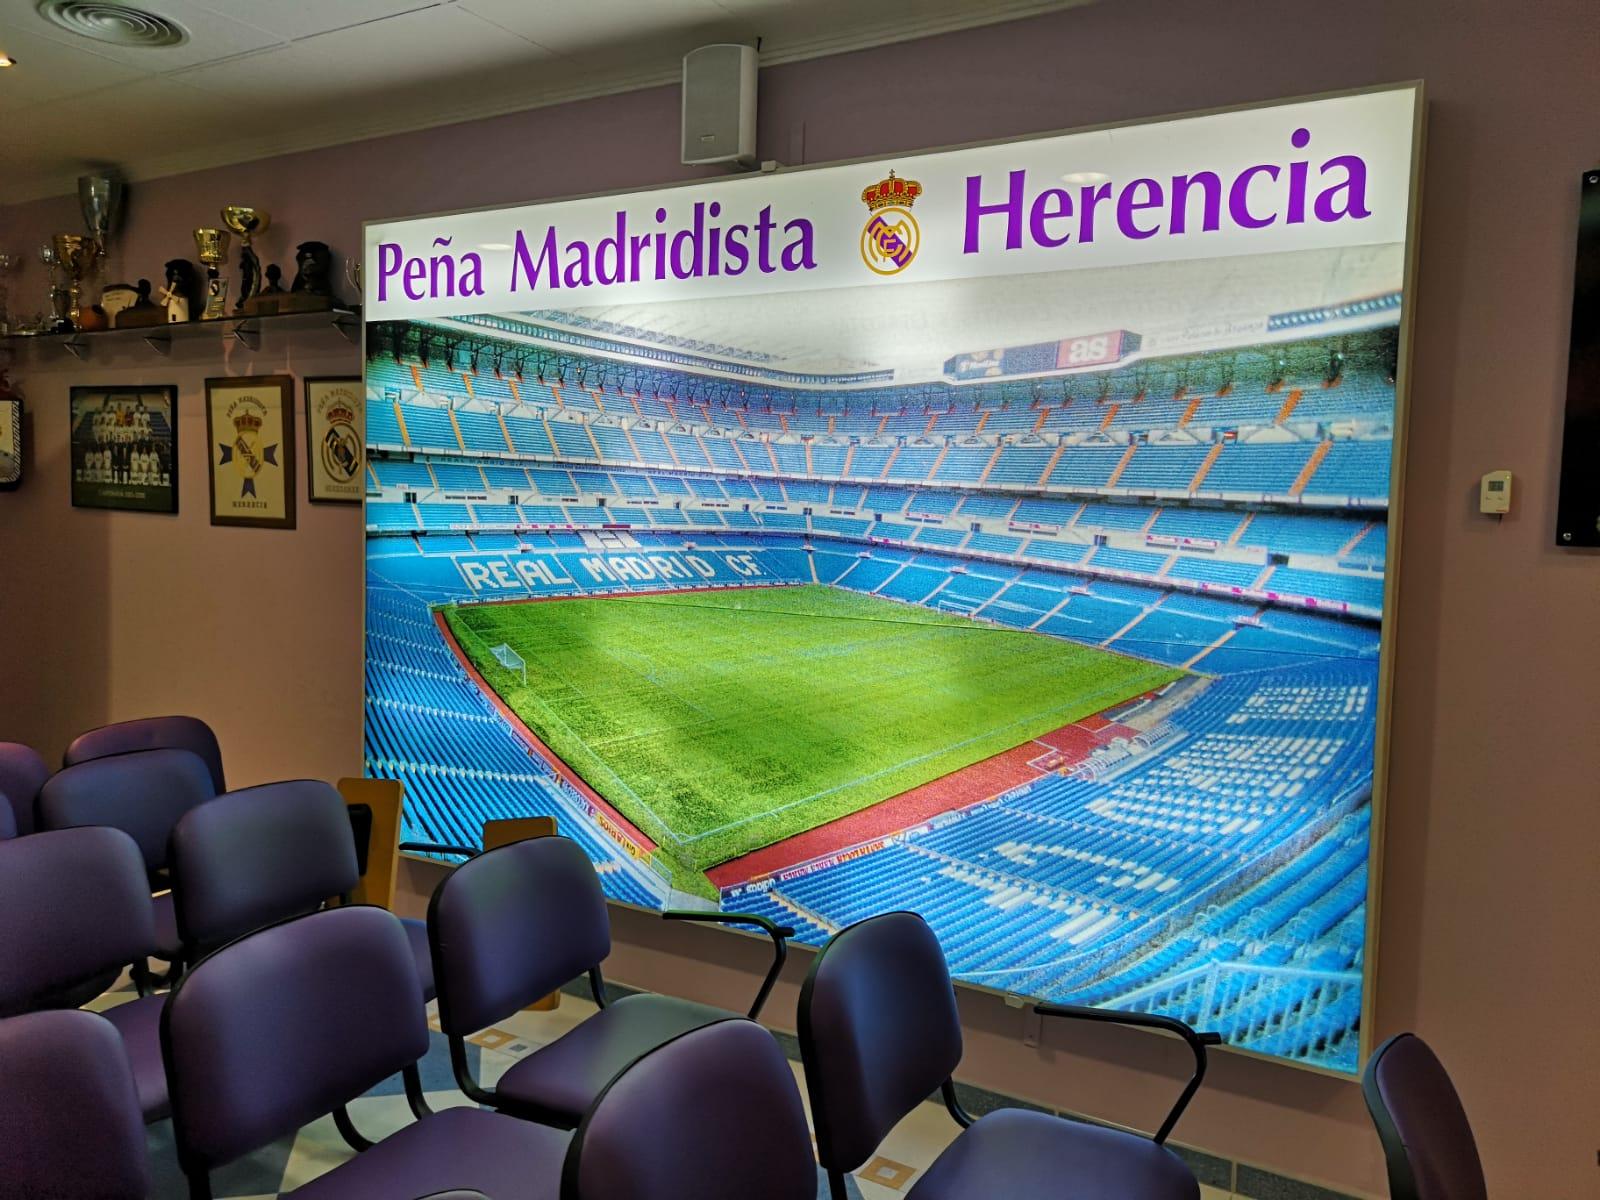 La peña Madridista Herencia celebra su 25 aniversario con una gran cena 3